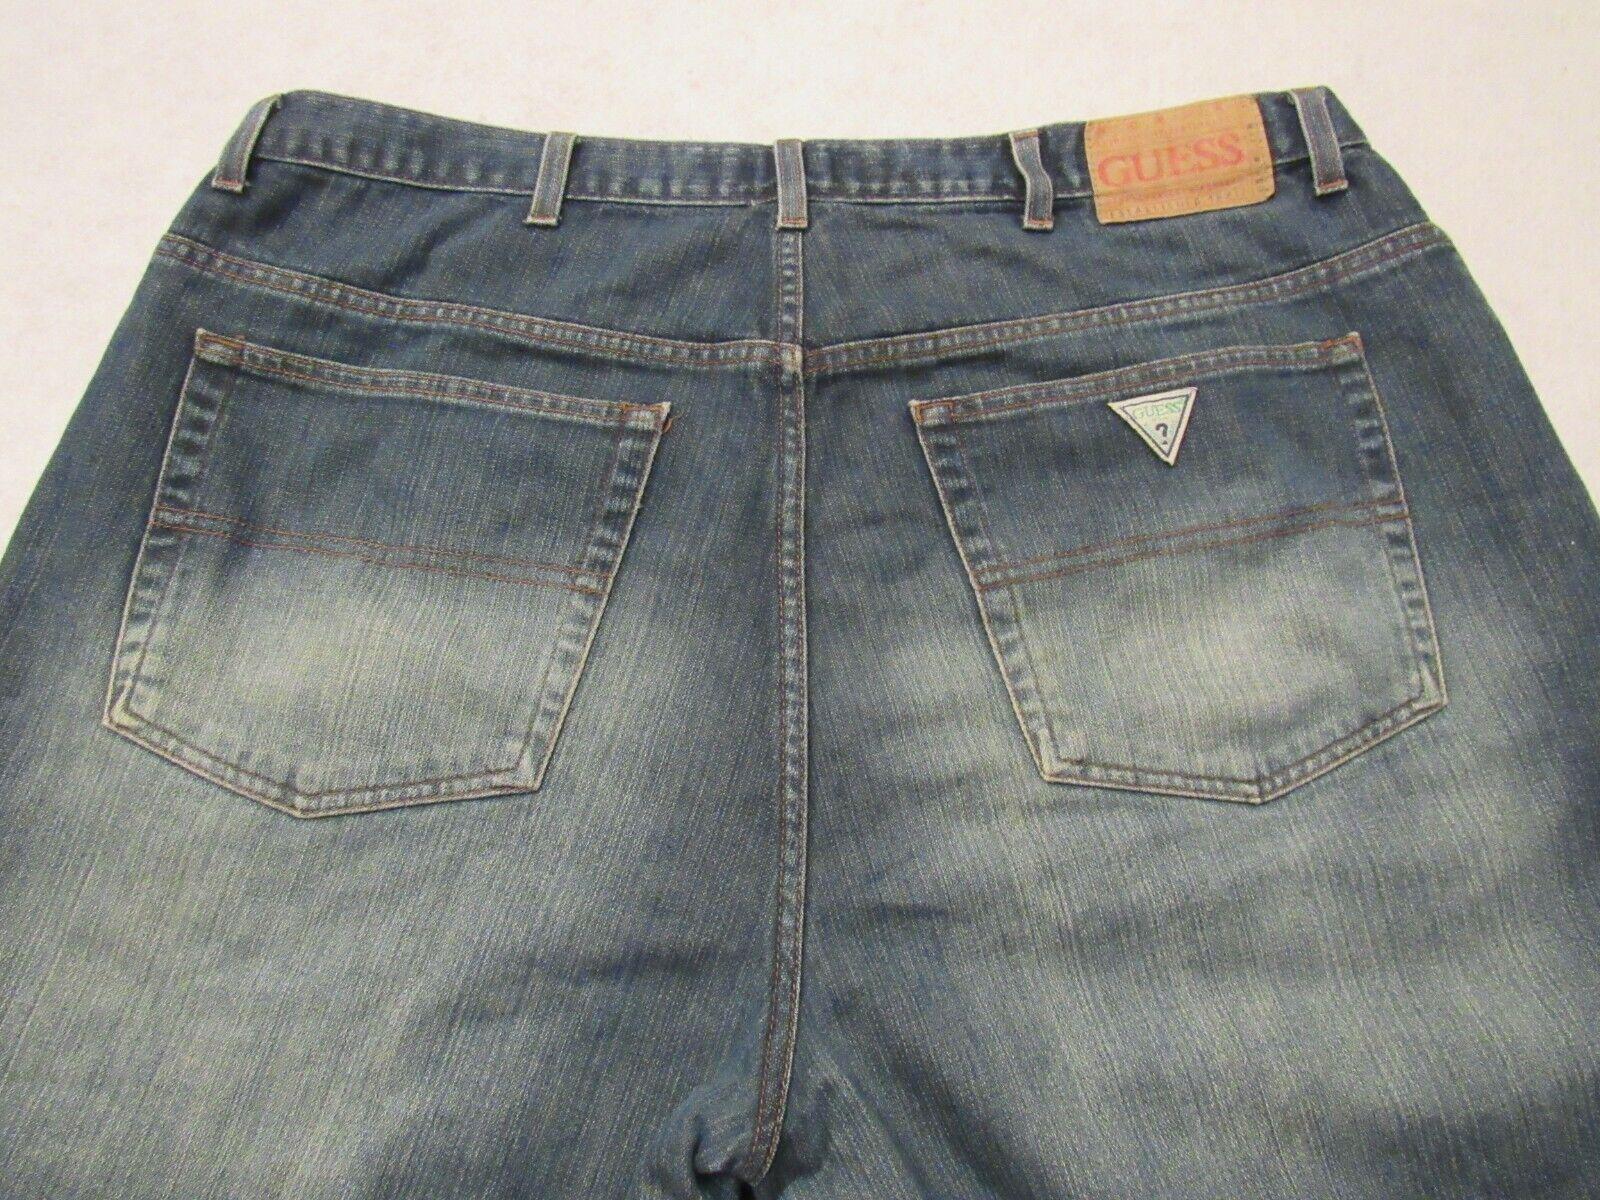 Guess Jeans VTG Baggy Men's 40x31